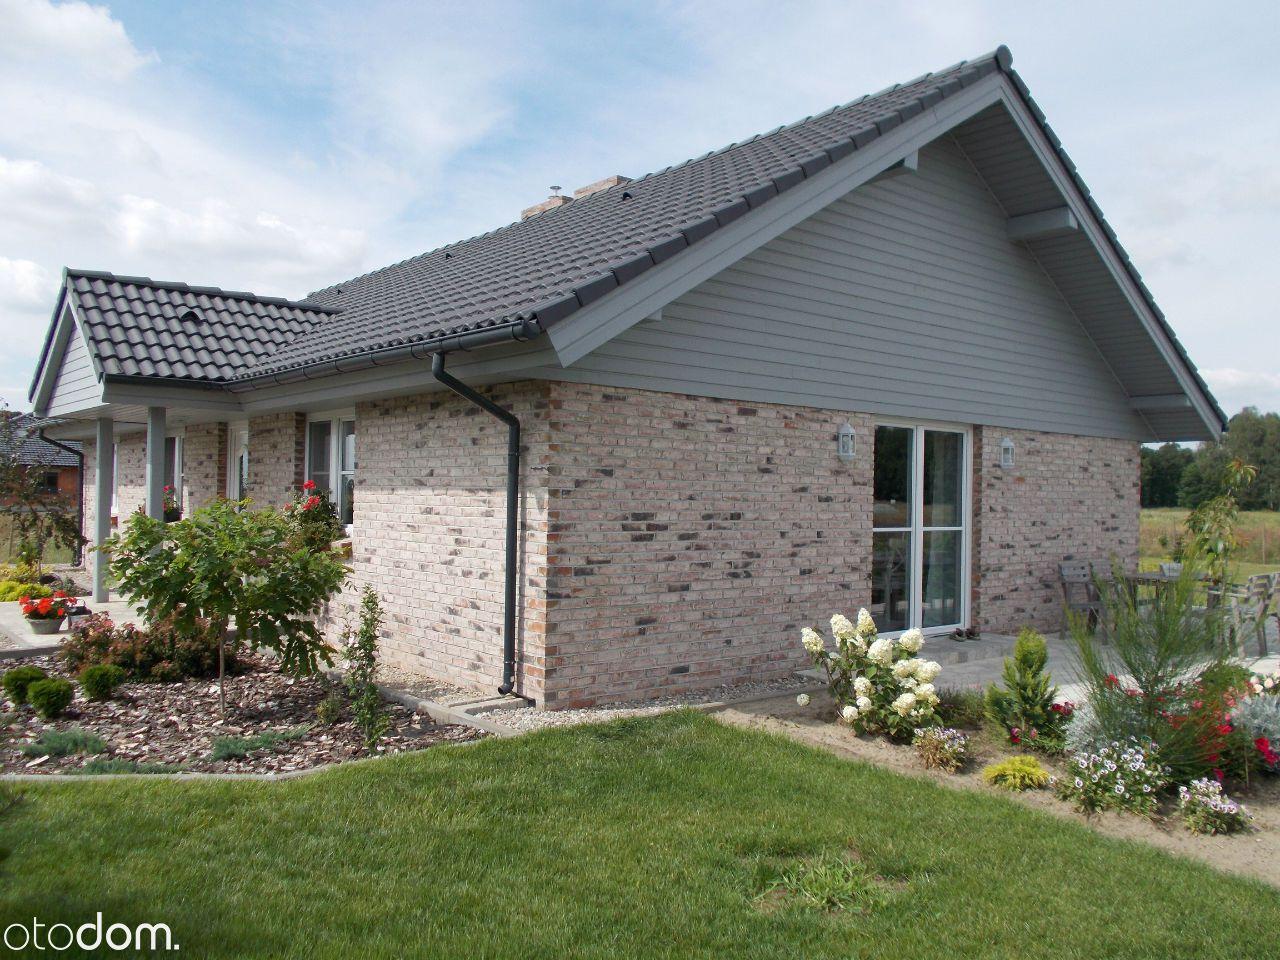 1046565_2_1280x1024_nowy-dom-98m2-kompletnie-wyposazony-dodaj-zdjecia